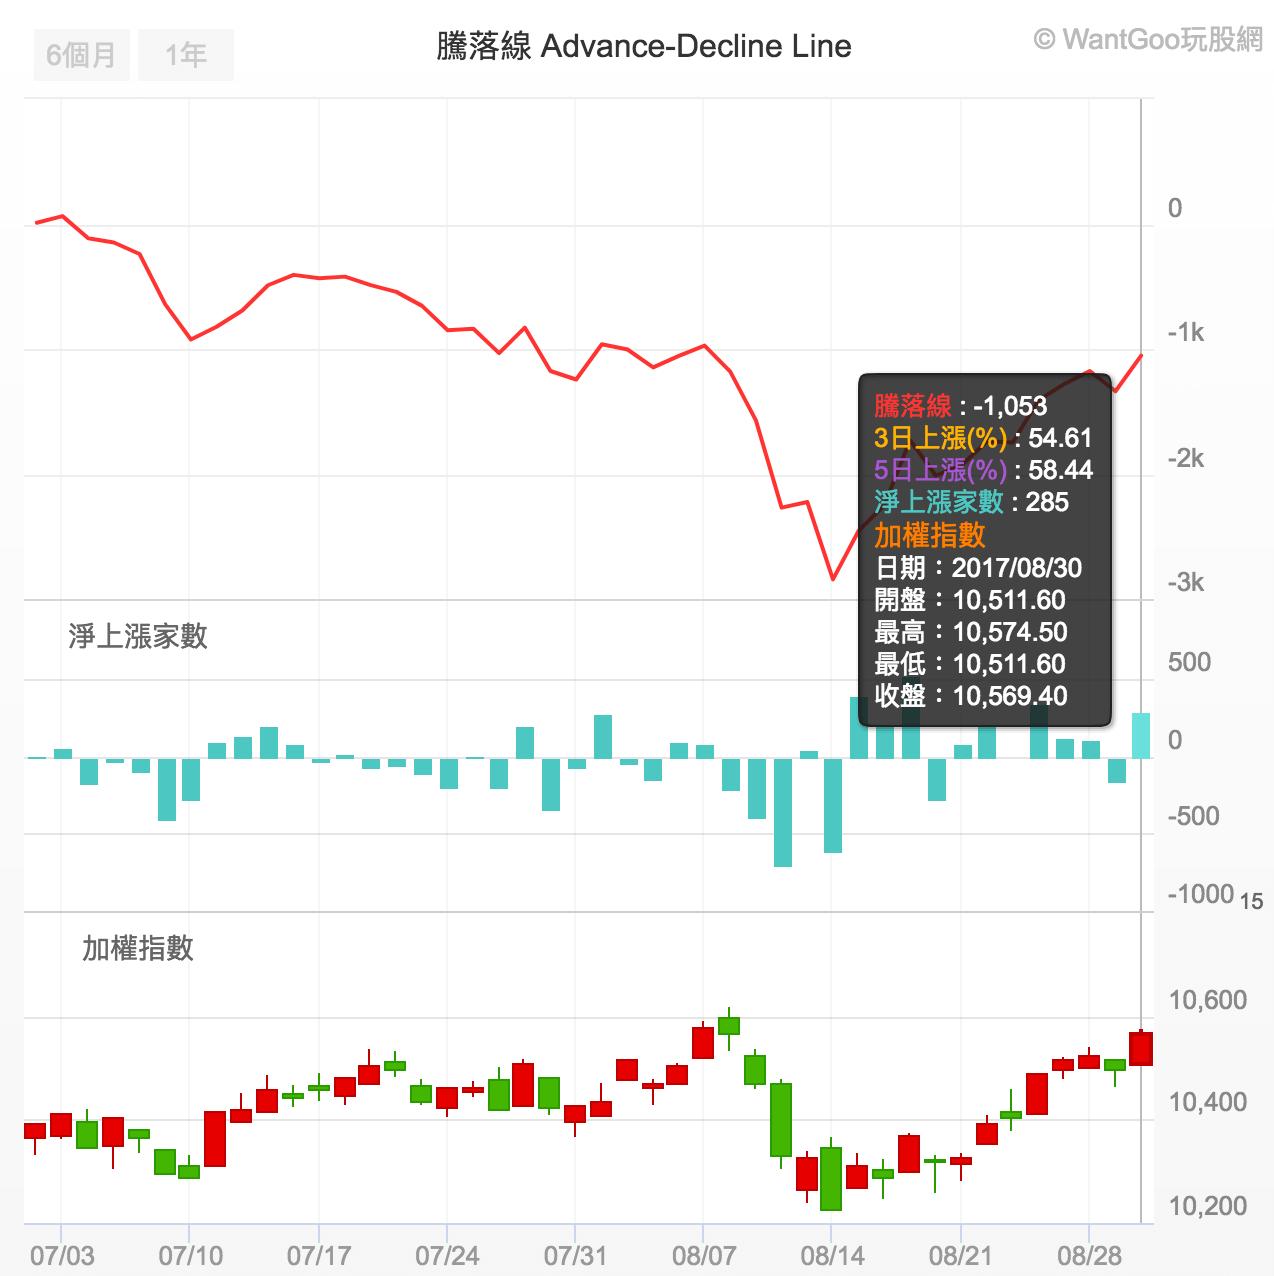 預測股票趨勢的神奇指標,讓你盤中感受多空強弱變化的法寶 | 楚狂人 | 玩股網